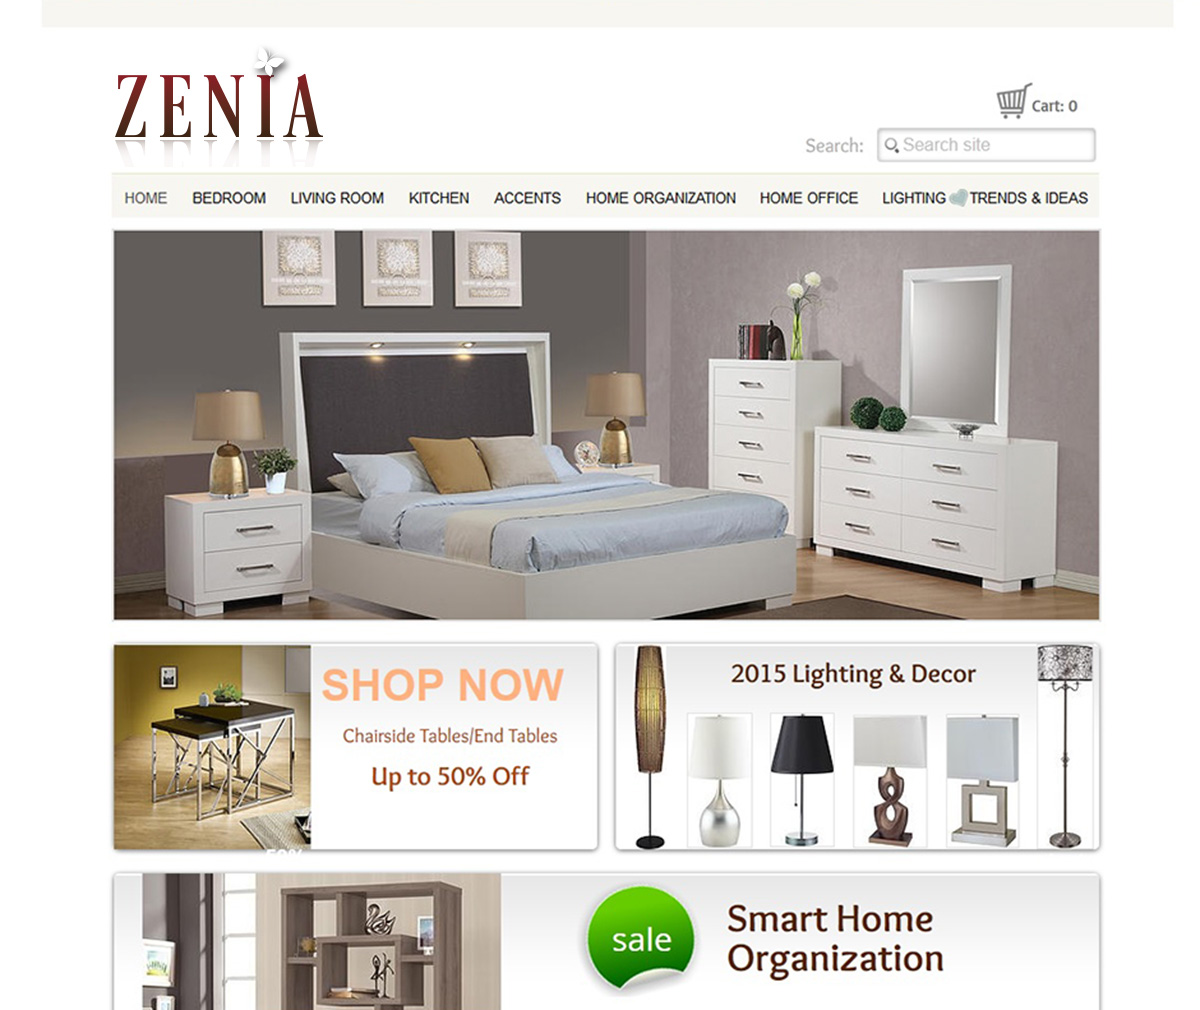 Business Logo Design For Zenia Or Zenia Home Furnishings By Kicha